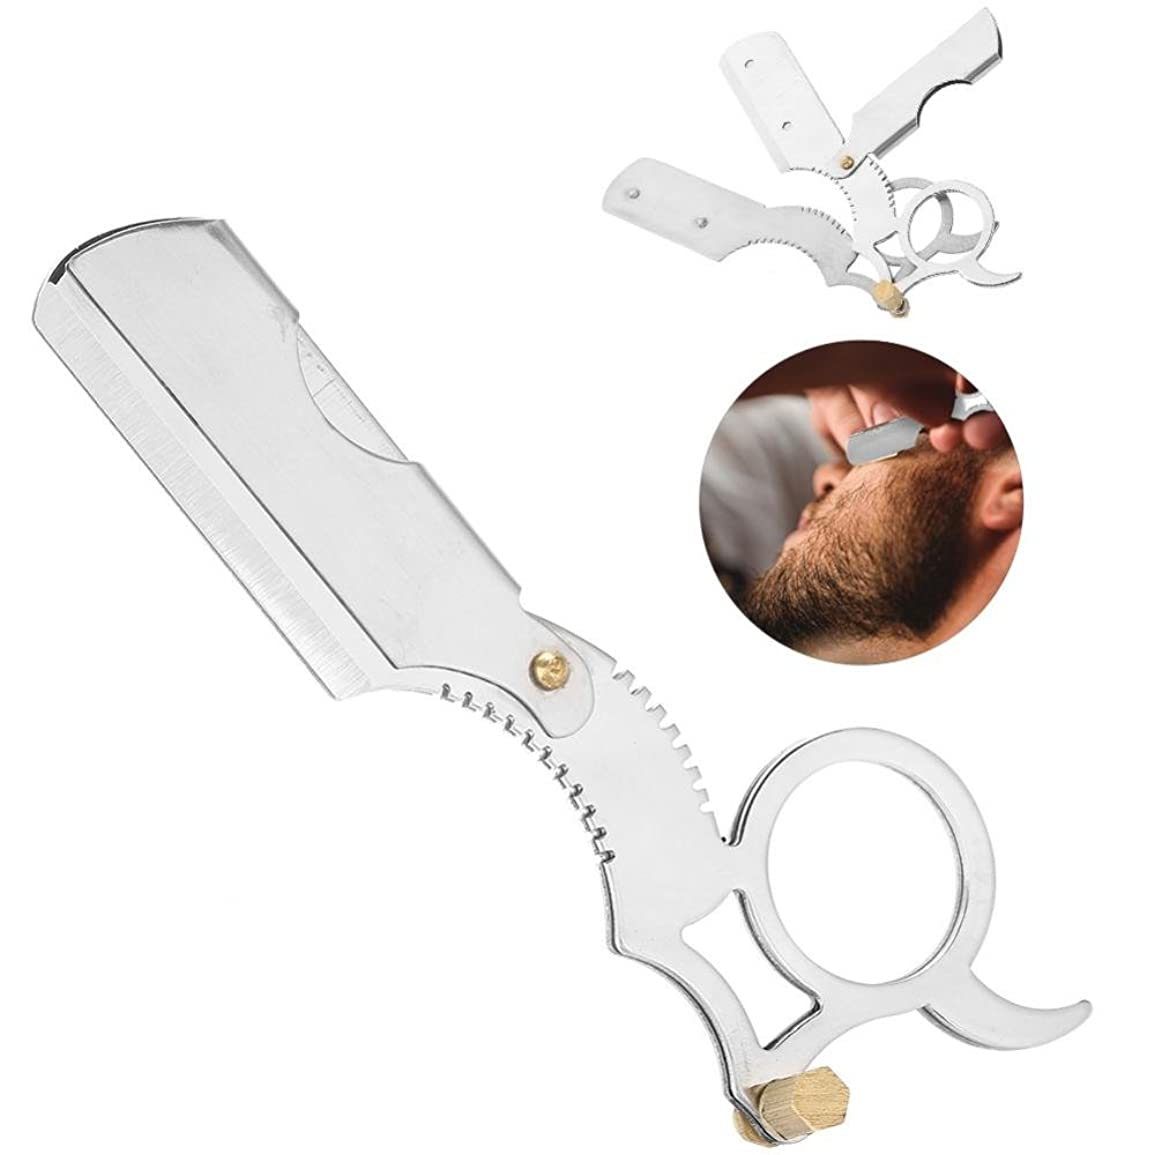 強制的行商人嫌なかみそり 男性 ステンレス鋼 安全剃刀 刃ヘッドシェーバー 折りたたみ 男性フェイスケア クレンジングシェービングツール(1)